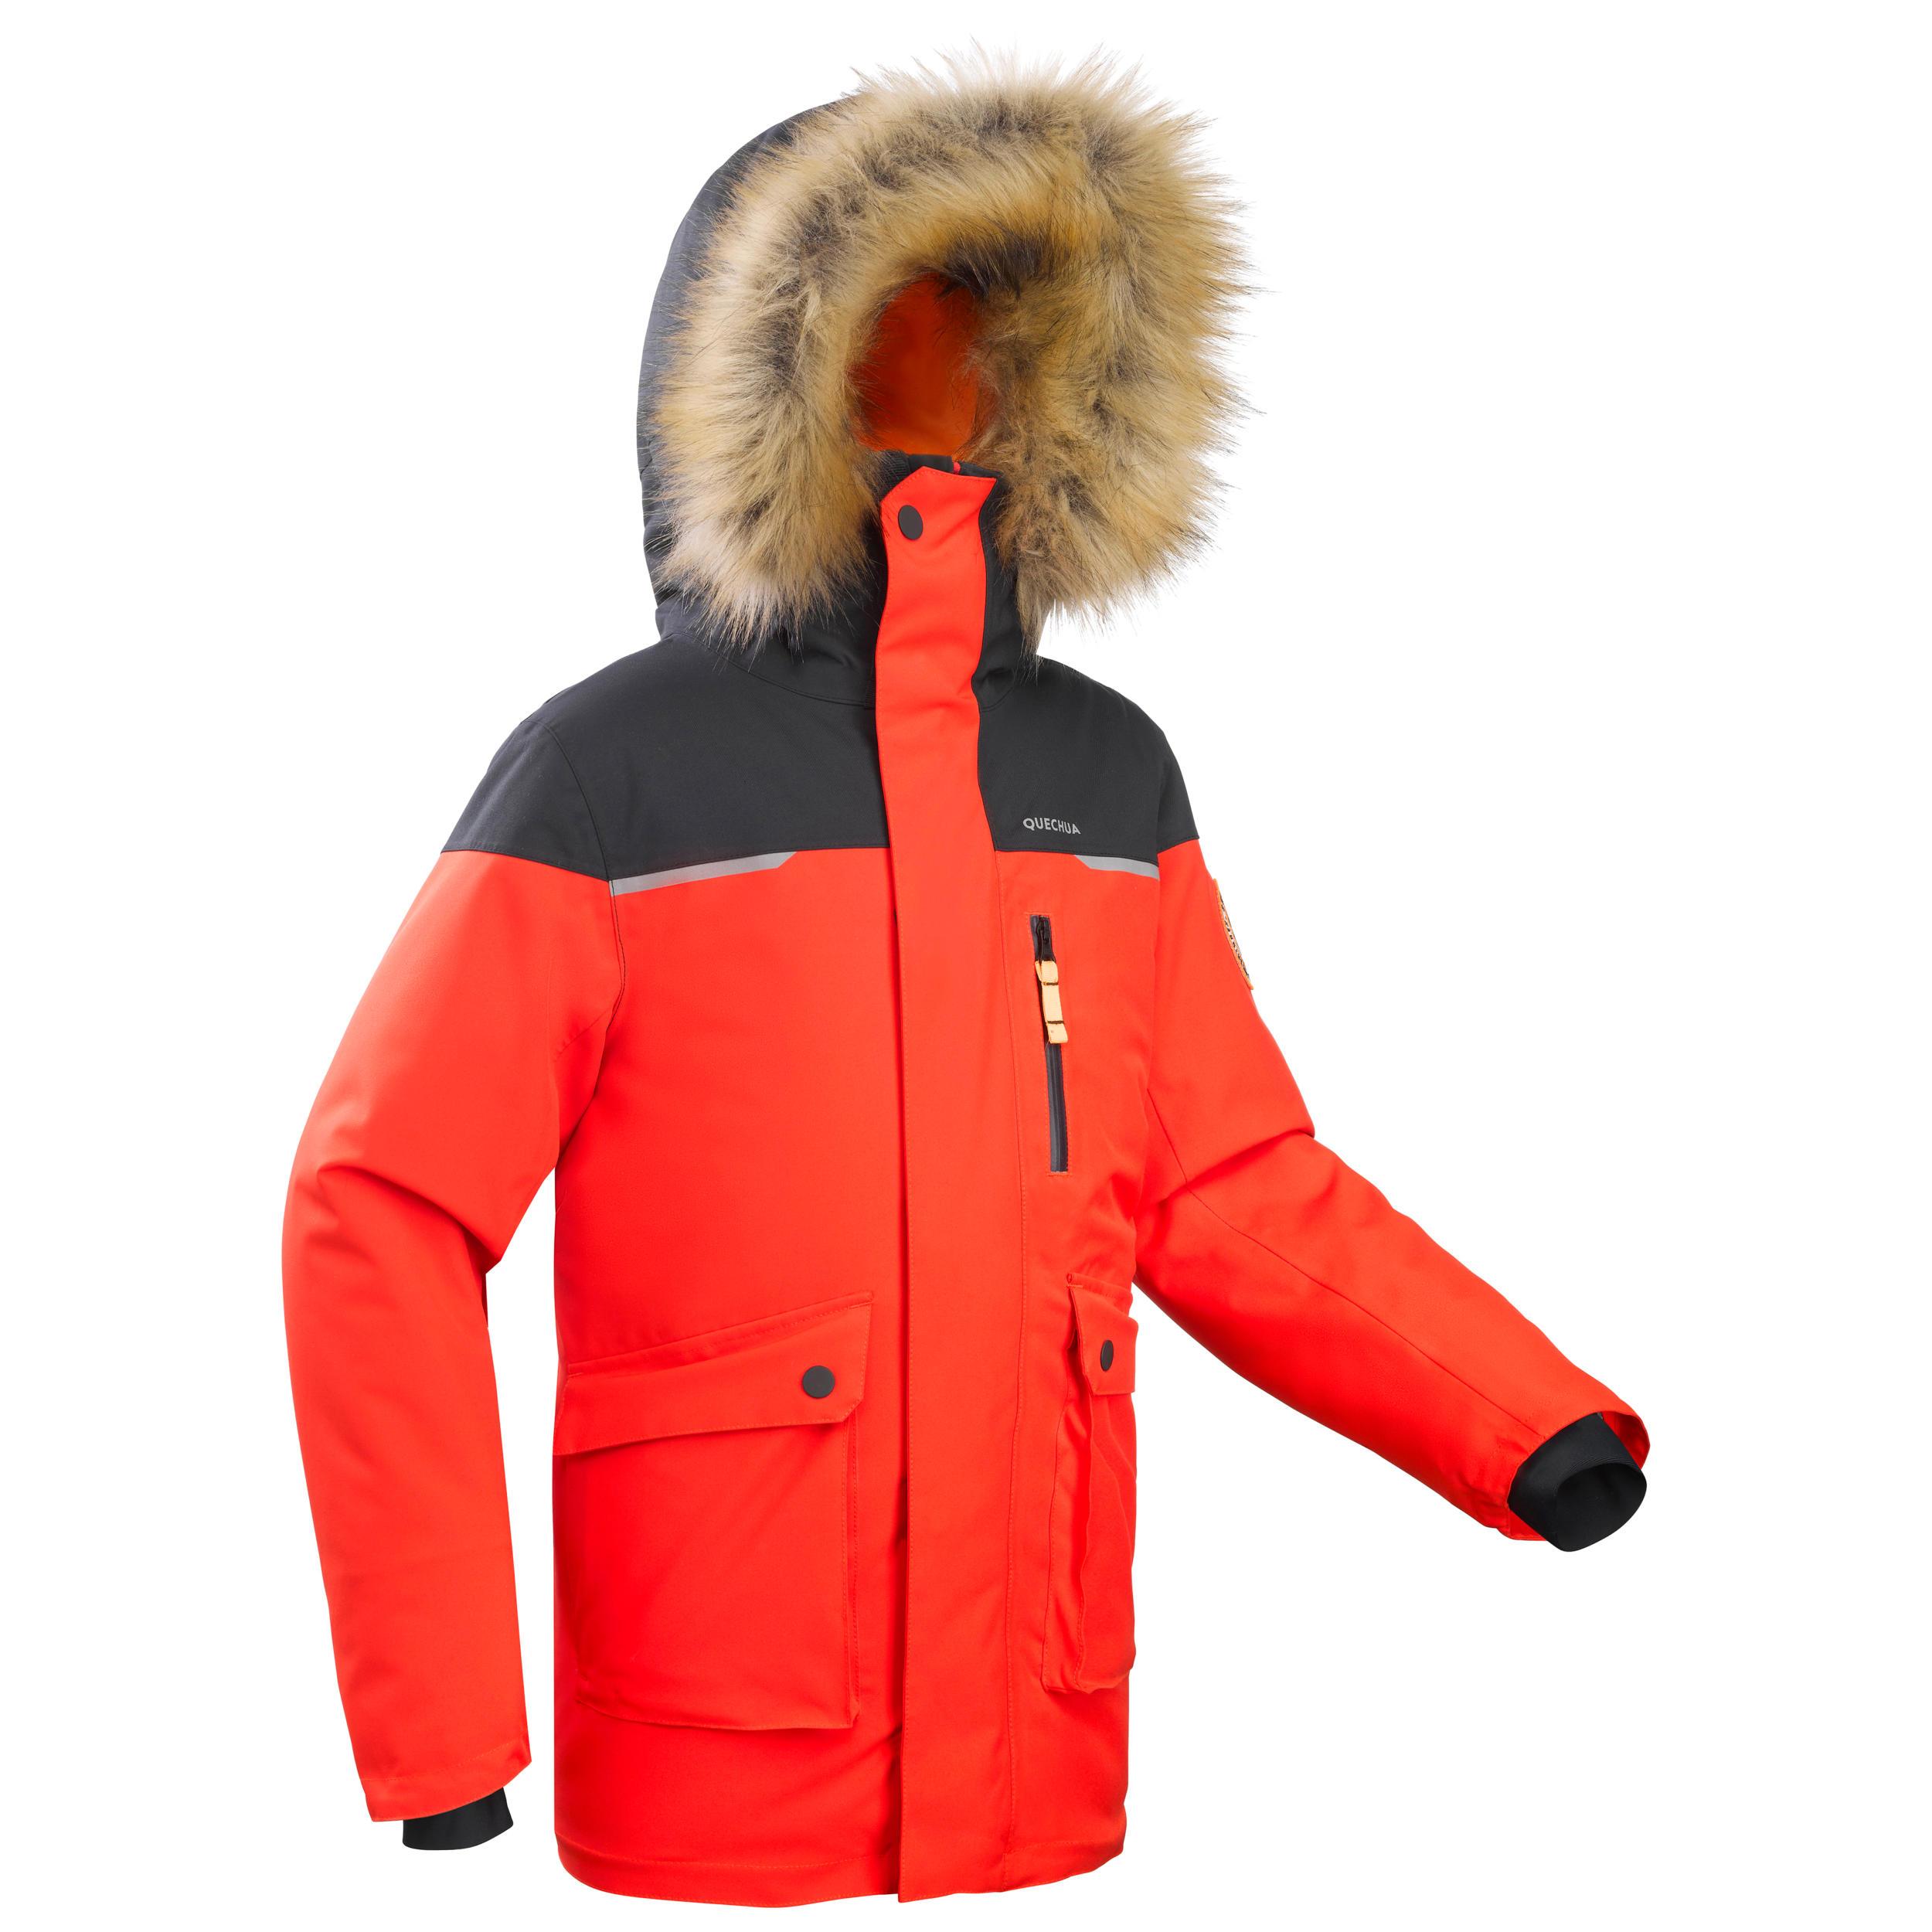 newest de73e a8664 Jungen, Kinder, Kinder Quechua Winterjacke Winterwandern SH500 Ultra-warm  Kinder Jungen 715 Jahre rot | 3608439381331